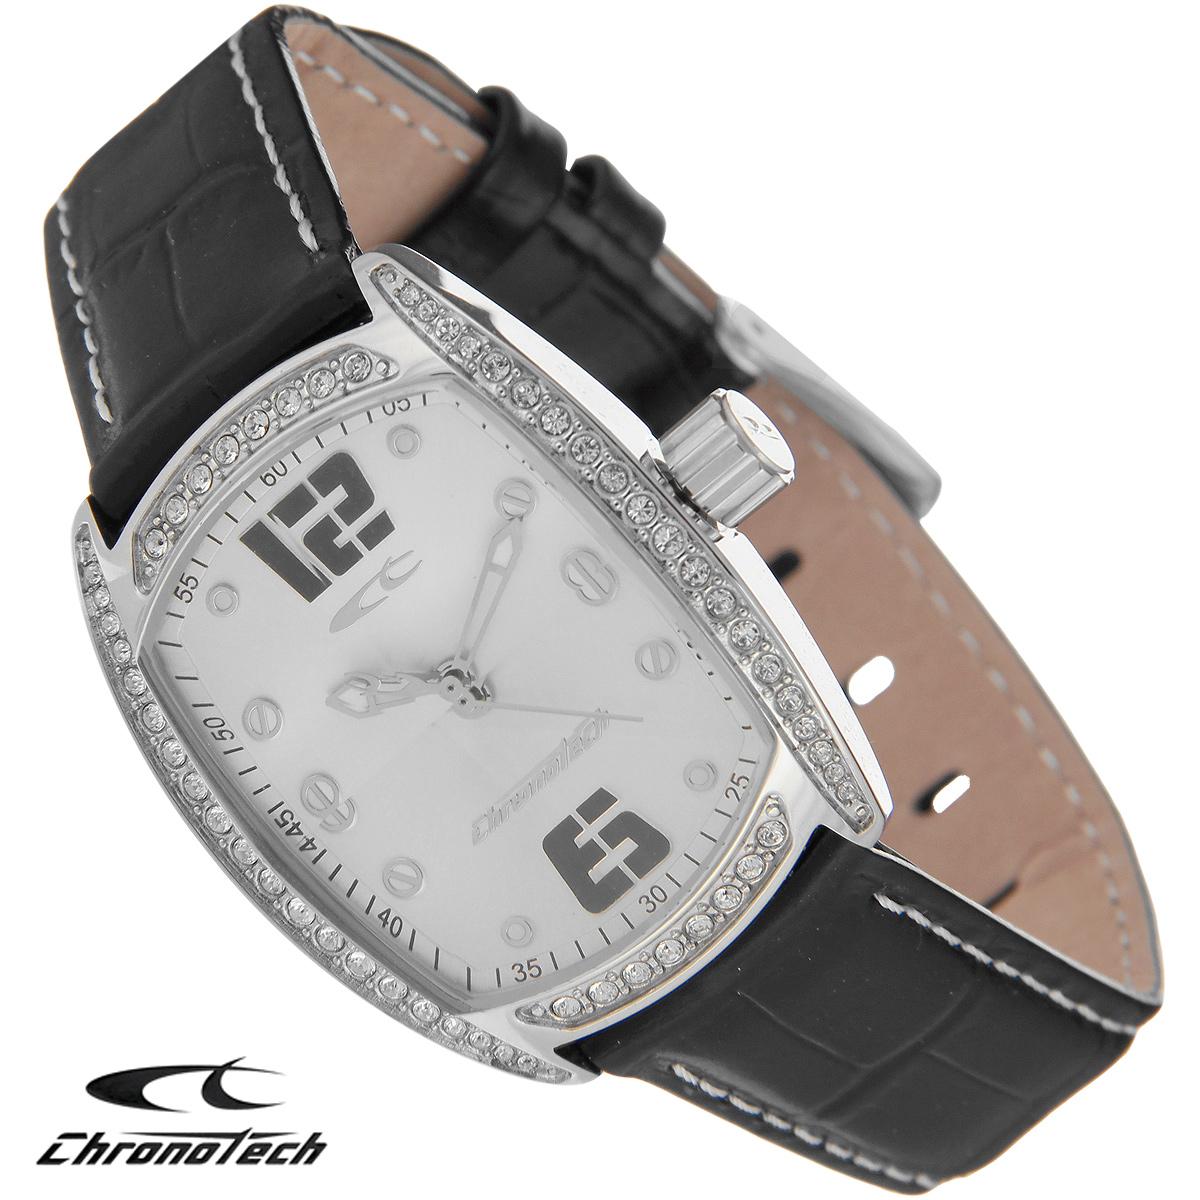 Часы женские наручные Chronotech, цвет: серебристый, черный. RW0001BM8434-58AEЧасы Chronotech - это часы для современных и стильных людей, которые стремятся выделиться из толпы и подчеркнуть свою индивидуальность. Корпус часов выполнен из нержавеющей стали и по контуру циферблата оформлен стразами. Циферблат оформлен отметками и защищен минеральным стеклом. Часы имеют три стрелки - часовую, минутную и секундную. Стрелки светятся в темноте. Ремешок часов выполнен из натуральной кожи и застегивается на классическую застежку. Часы упакованы в фирменную коробку с логотипом компании Chronotech. Такой аксессуар добавит вашему образу стиля и подчеркнет безупречный вкус своего владельца.Характеристики: Размер циферблата: 2,5 см х 3 см.Размер корпуса: 3 см х 3,8 см х 0,9 см.Длина ремешка (с корпусом): 23 см.Ширина ремешка: 1,6 см.